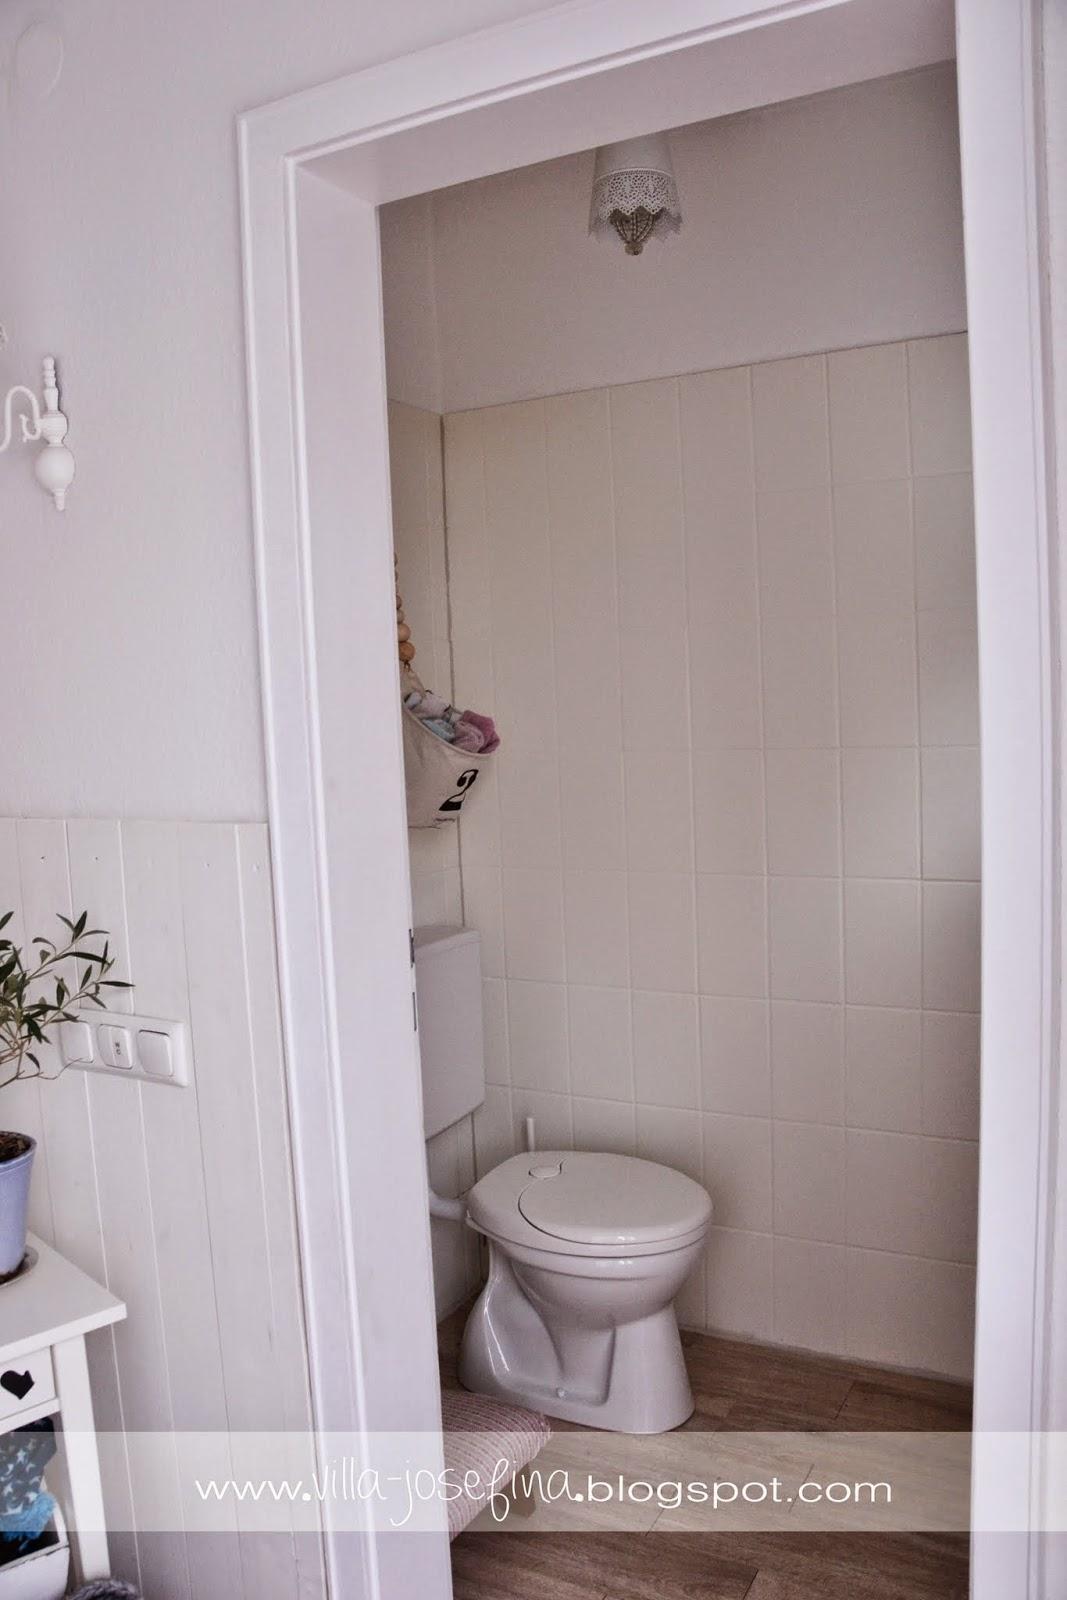 Super Kann man Fliesen streichen? {DiY Gäste-WC aufhübschen} | Villa VT56